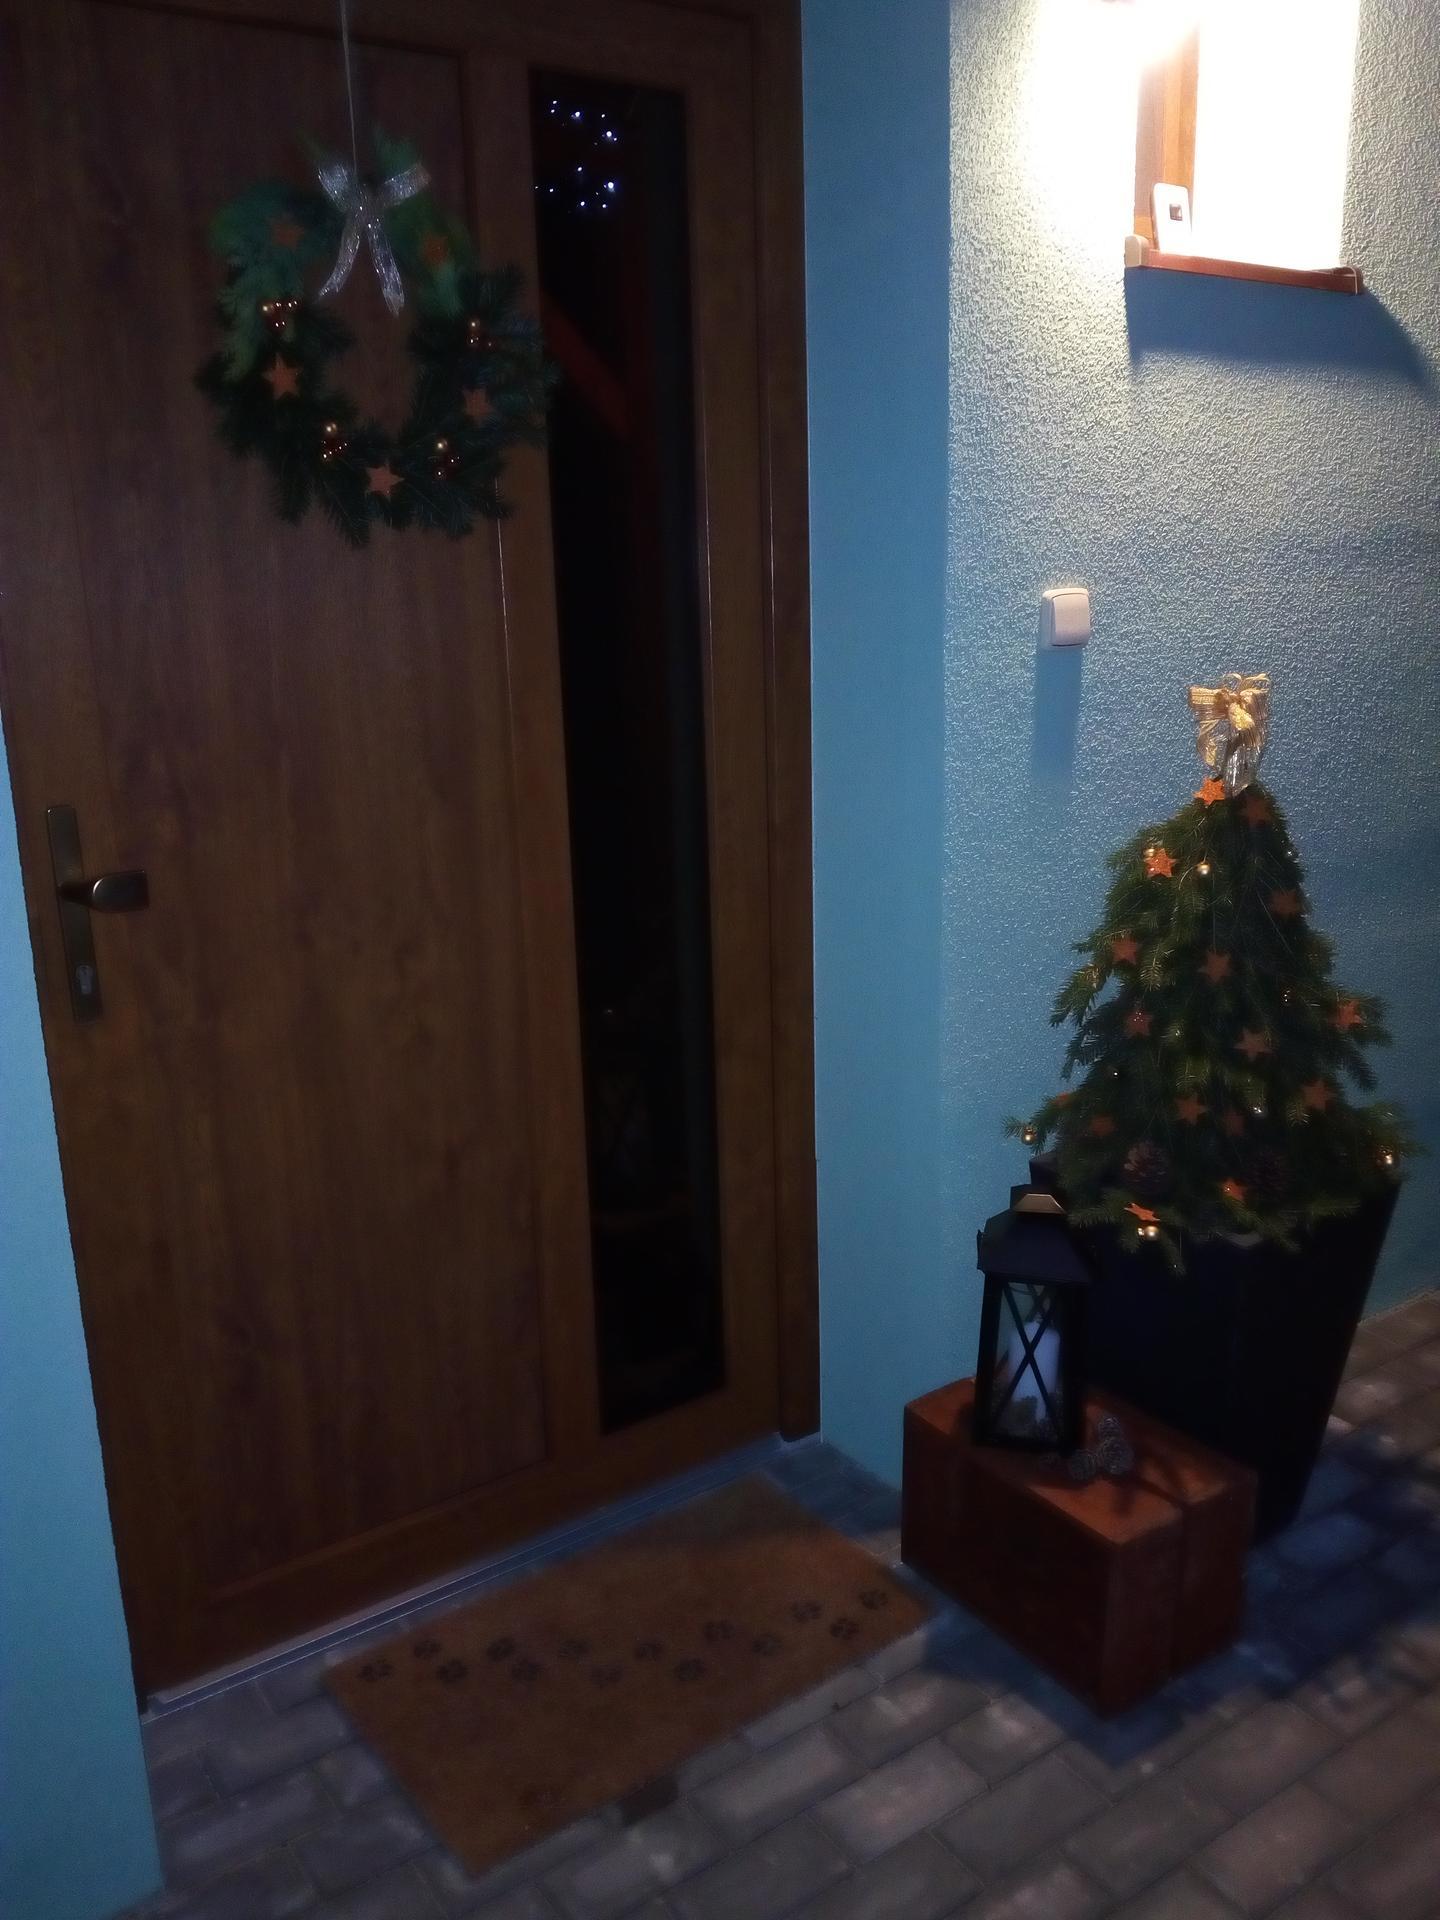 Vánoce u nás - Sladěno s věncem na dveřích